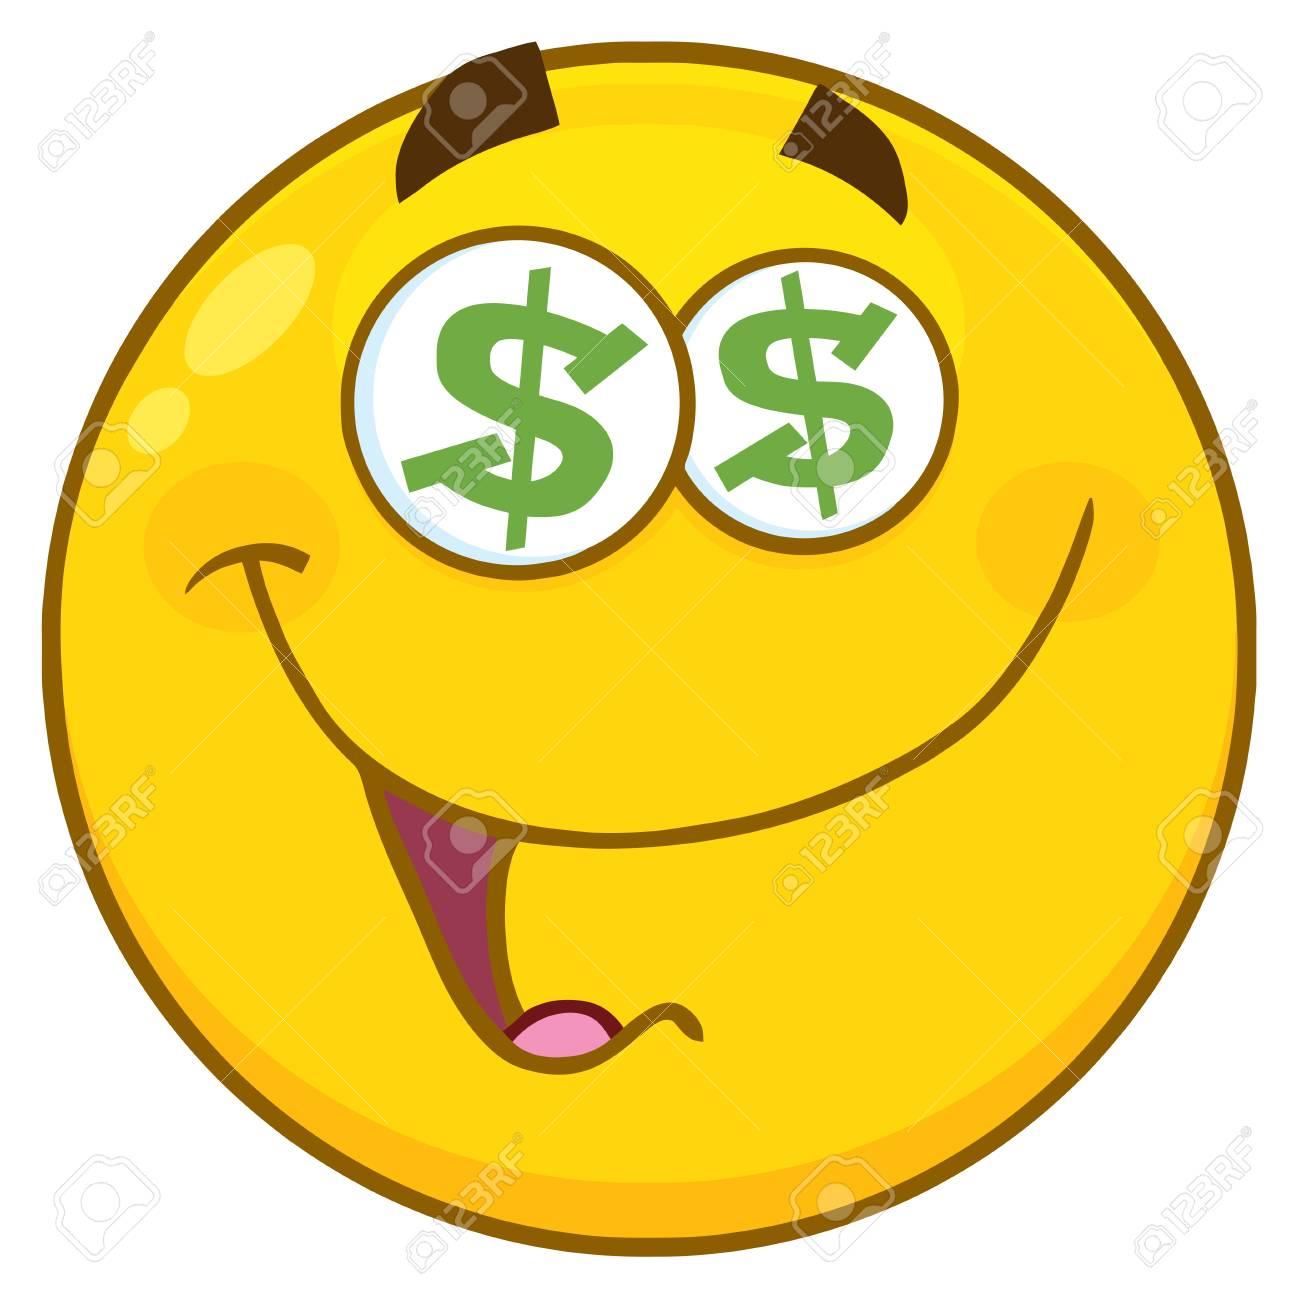 Jaune Personnage Smiley Personnage De Bande Dessinee Avec Des Yeux De Dollar Illustration Isole Sur Fond Blanc Banque D Images Et Photos Libres De Droits Image 77462133